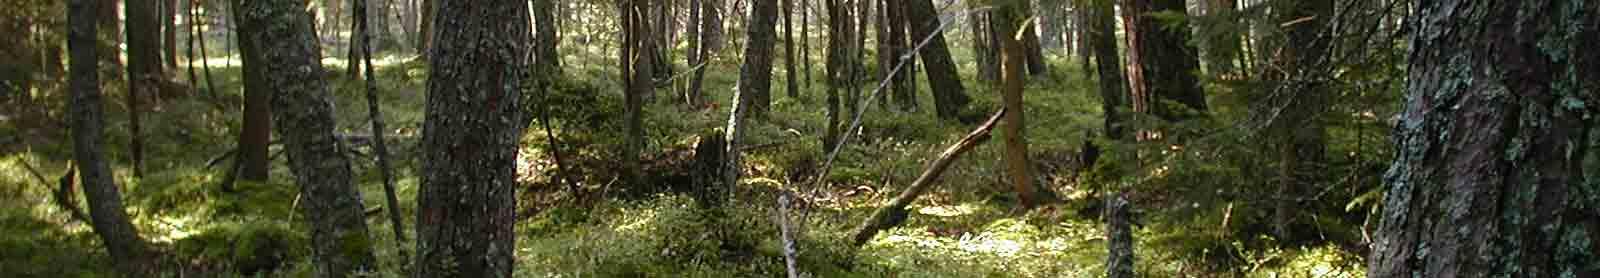 Seminar-Termine_Schamanismus und Natur. Grüner Wald im Mai